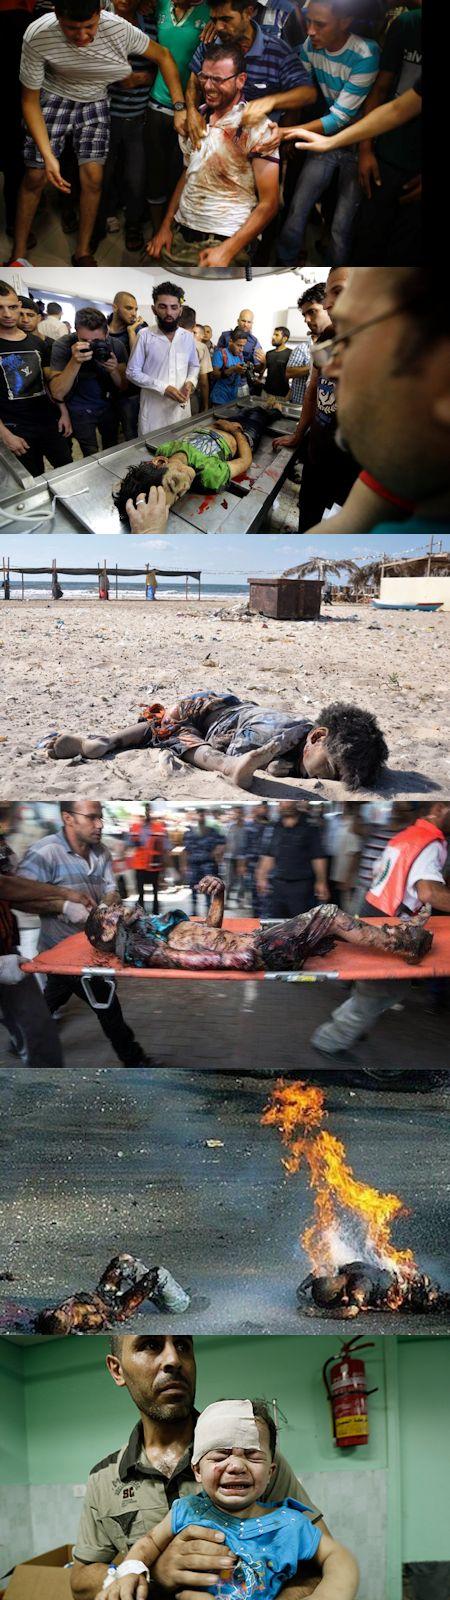 ガザ虐殺に思うこと - イスラエルの戦争の方法、目的、意味_c0315619_17163264.jpg